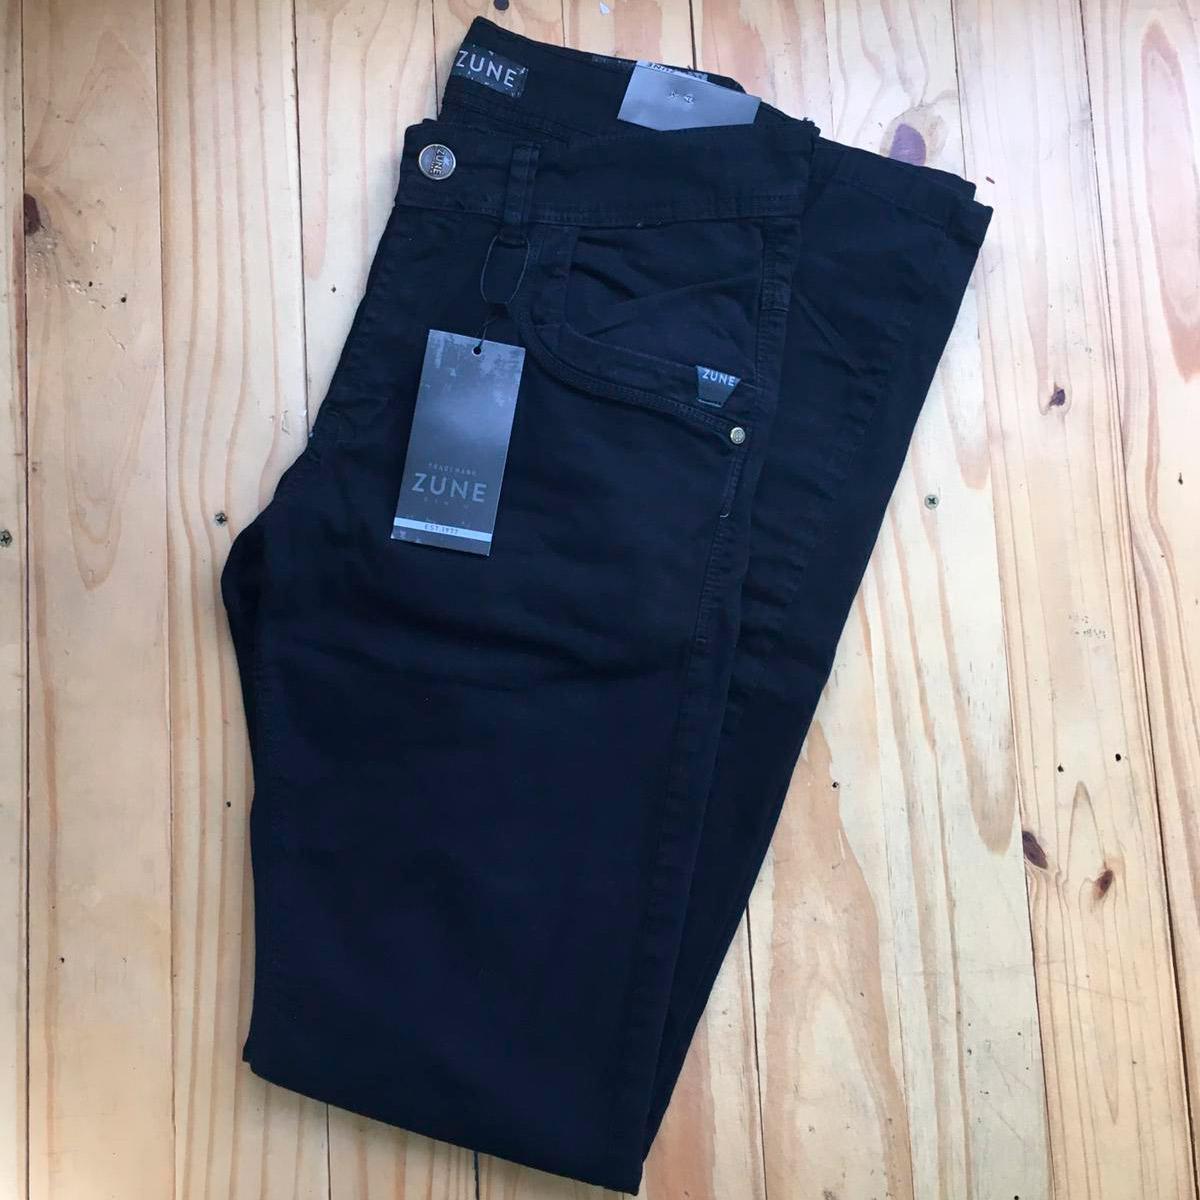 Calça Jeans Masculina Zune 35737